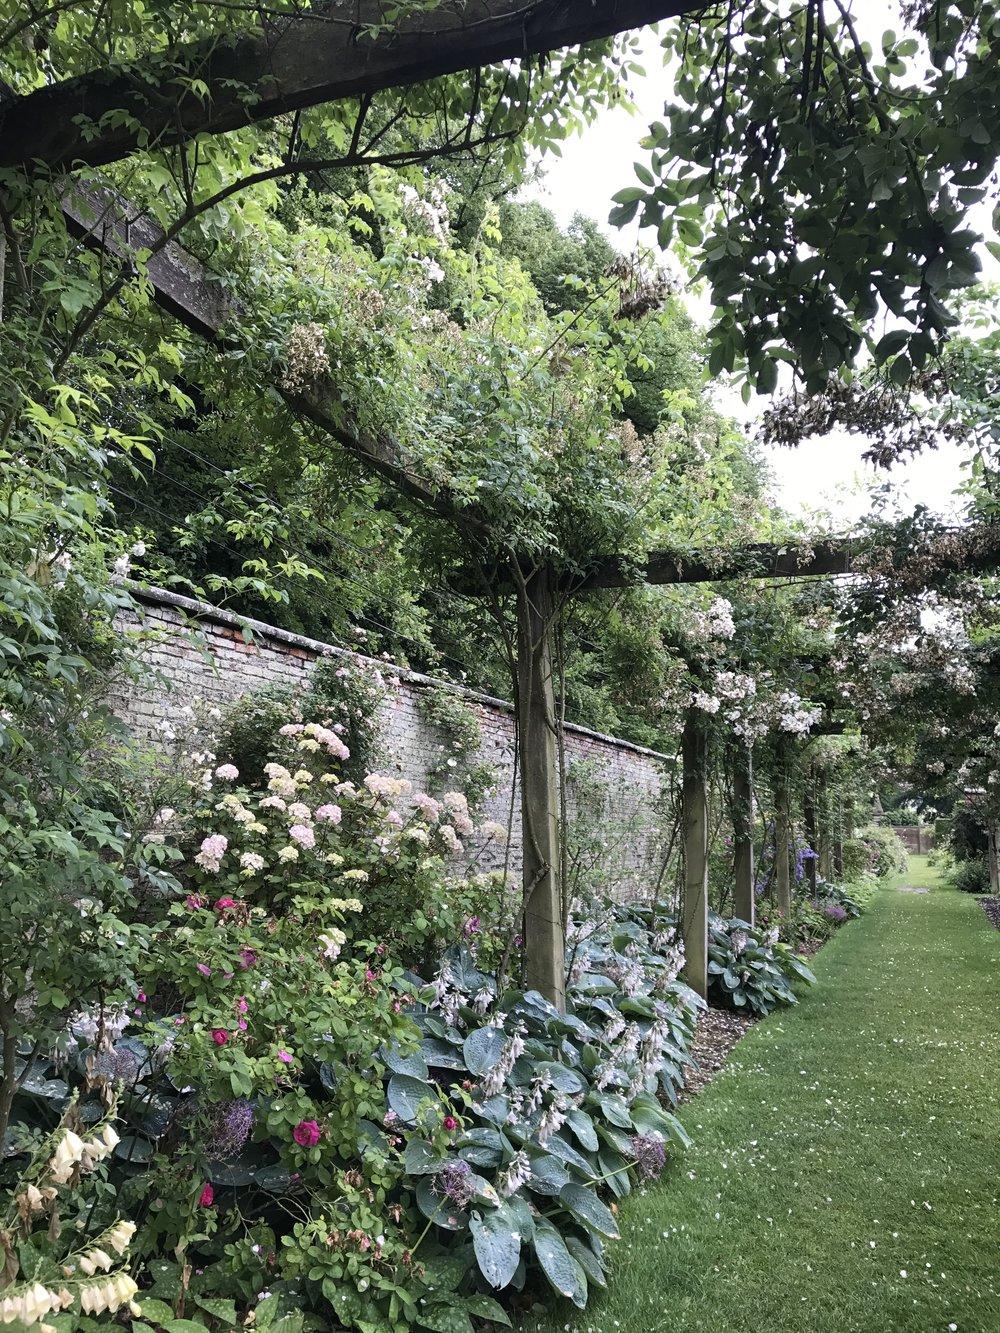 Castle Howard gardens in June